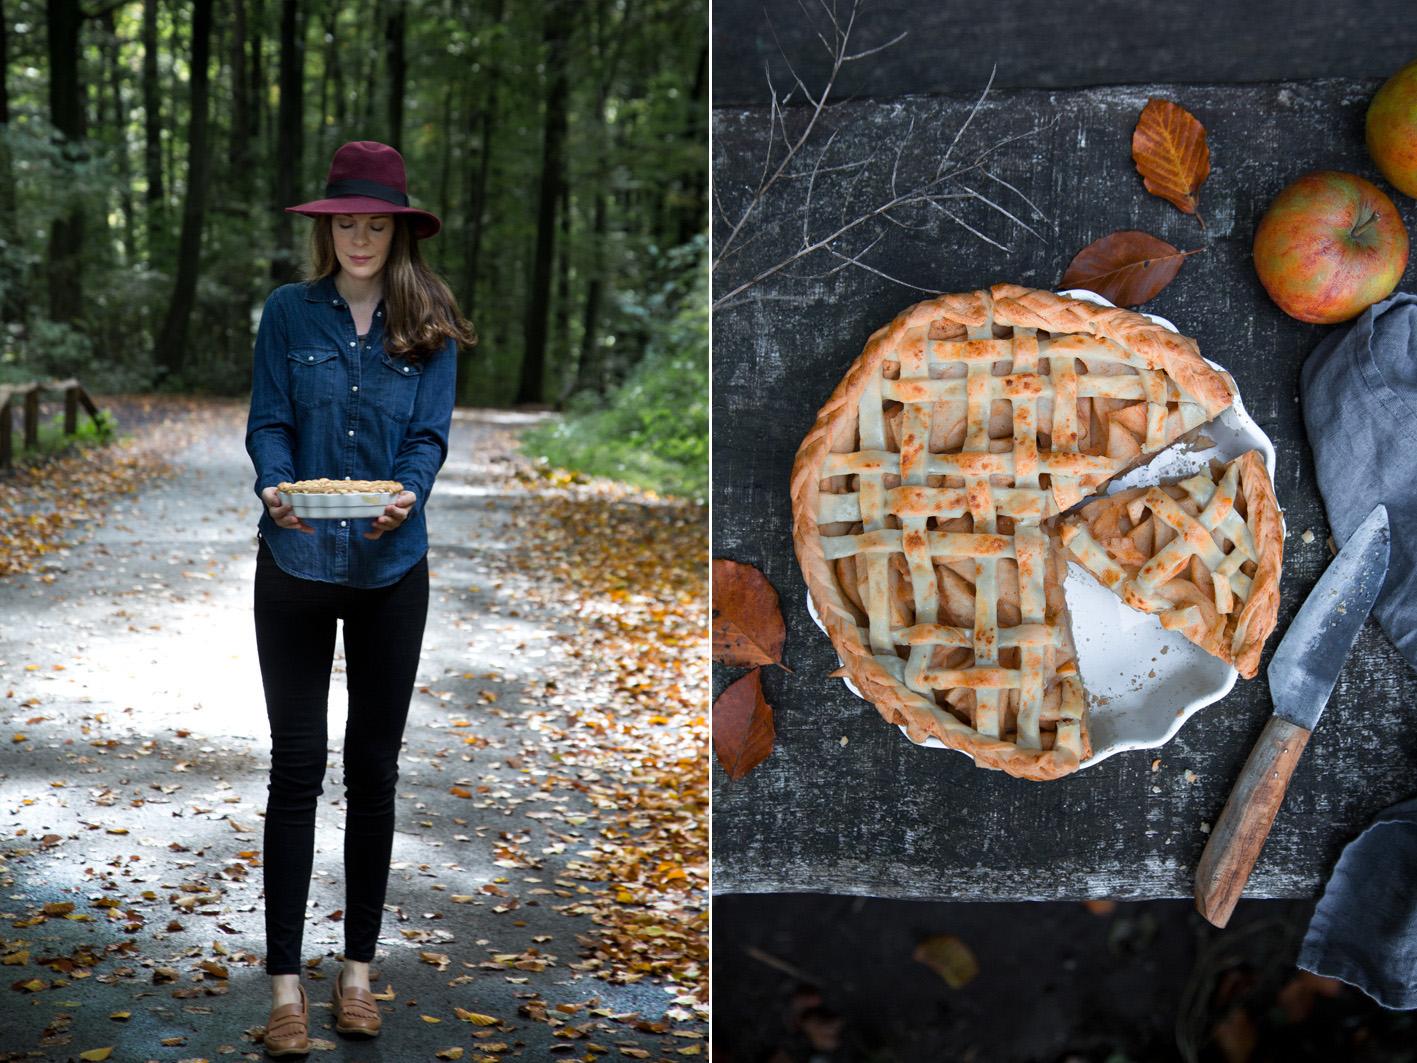 Picknick im Wald mit Apfelkuchen